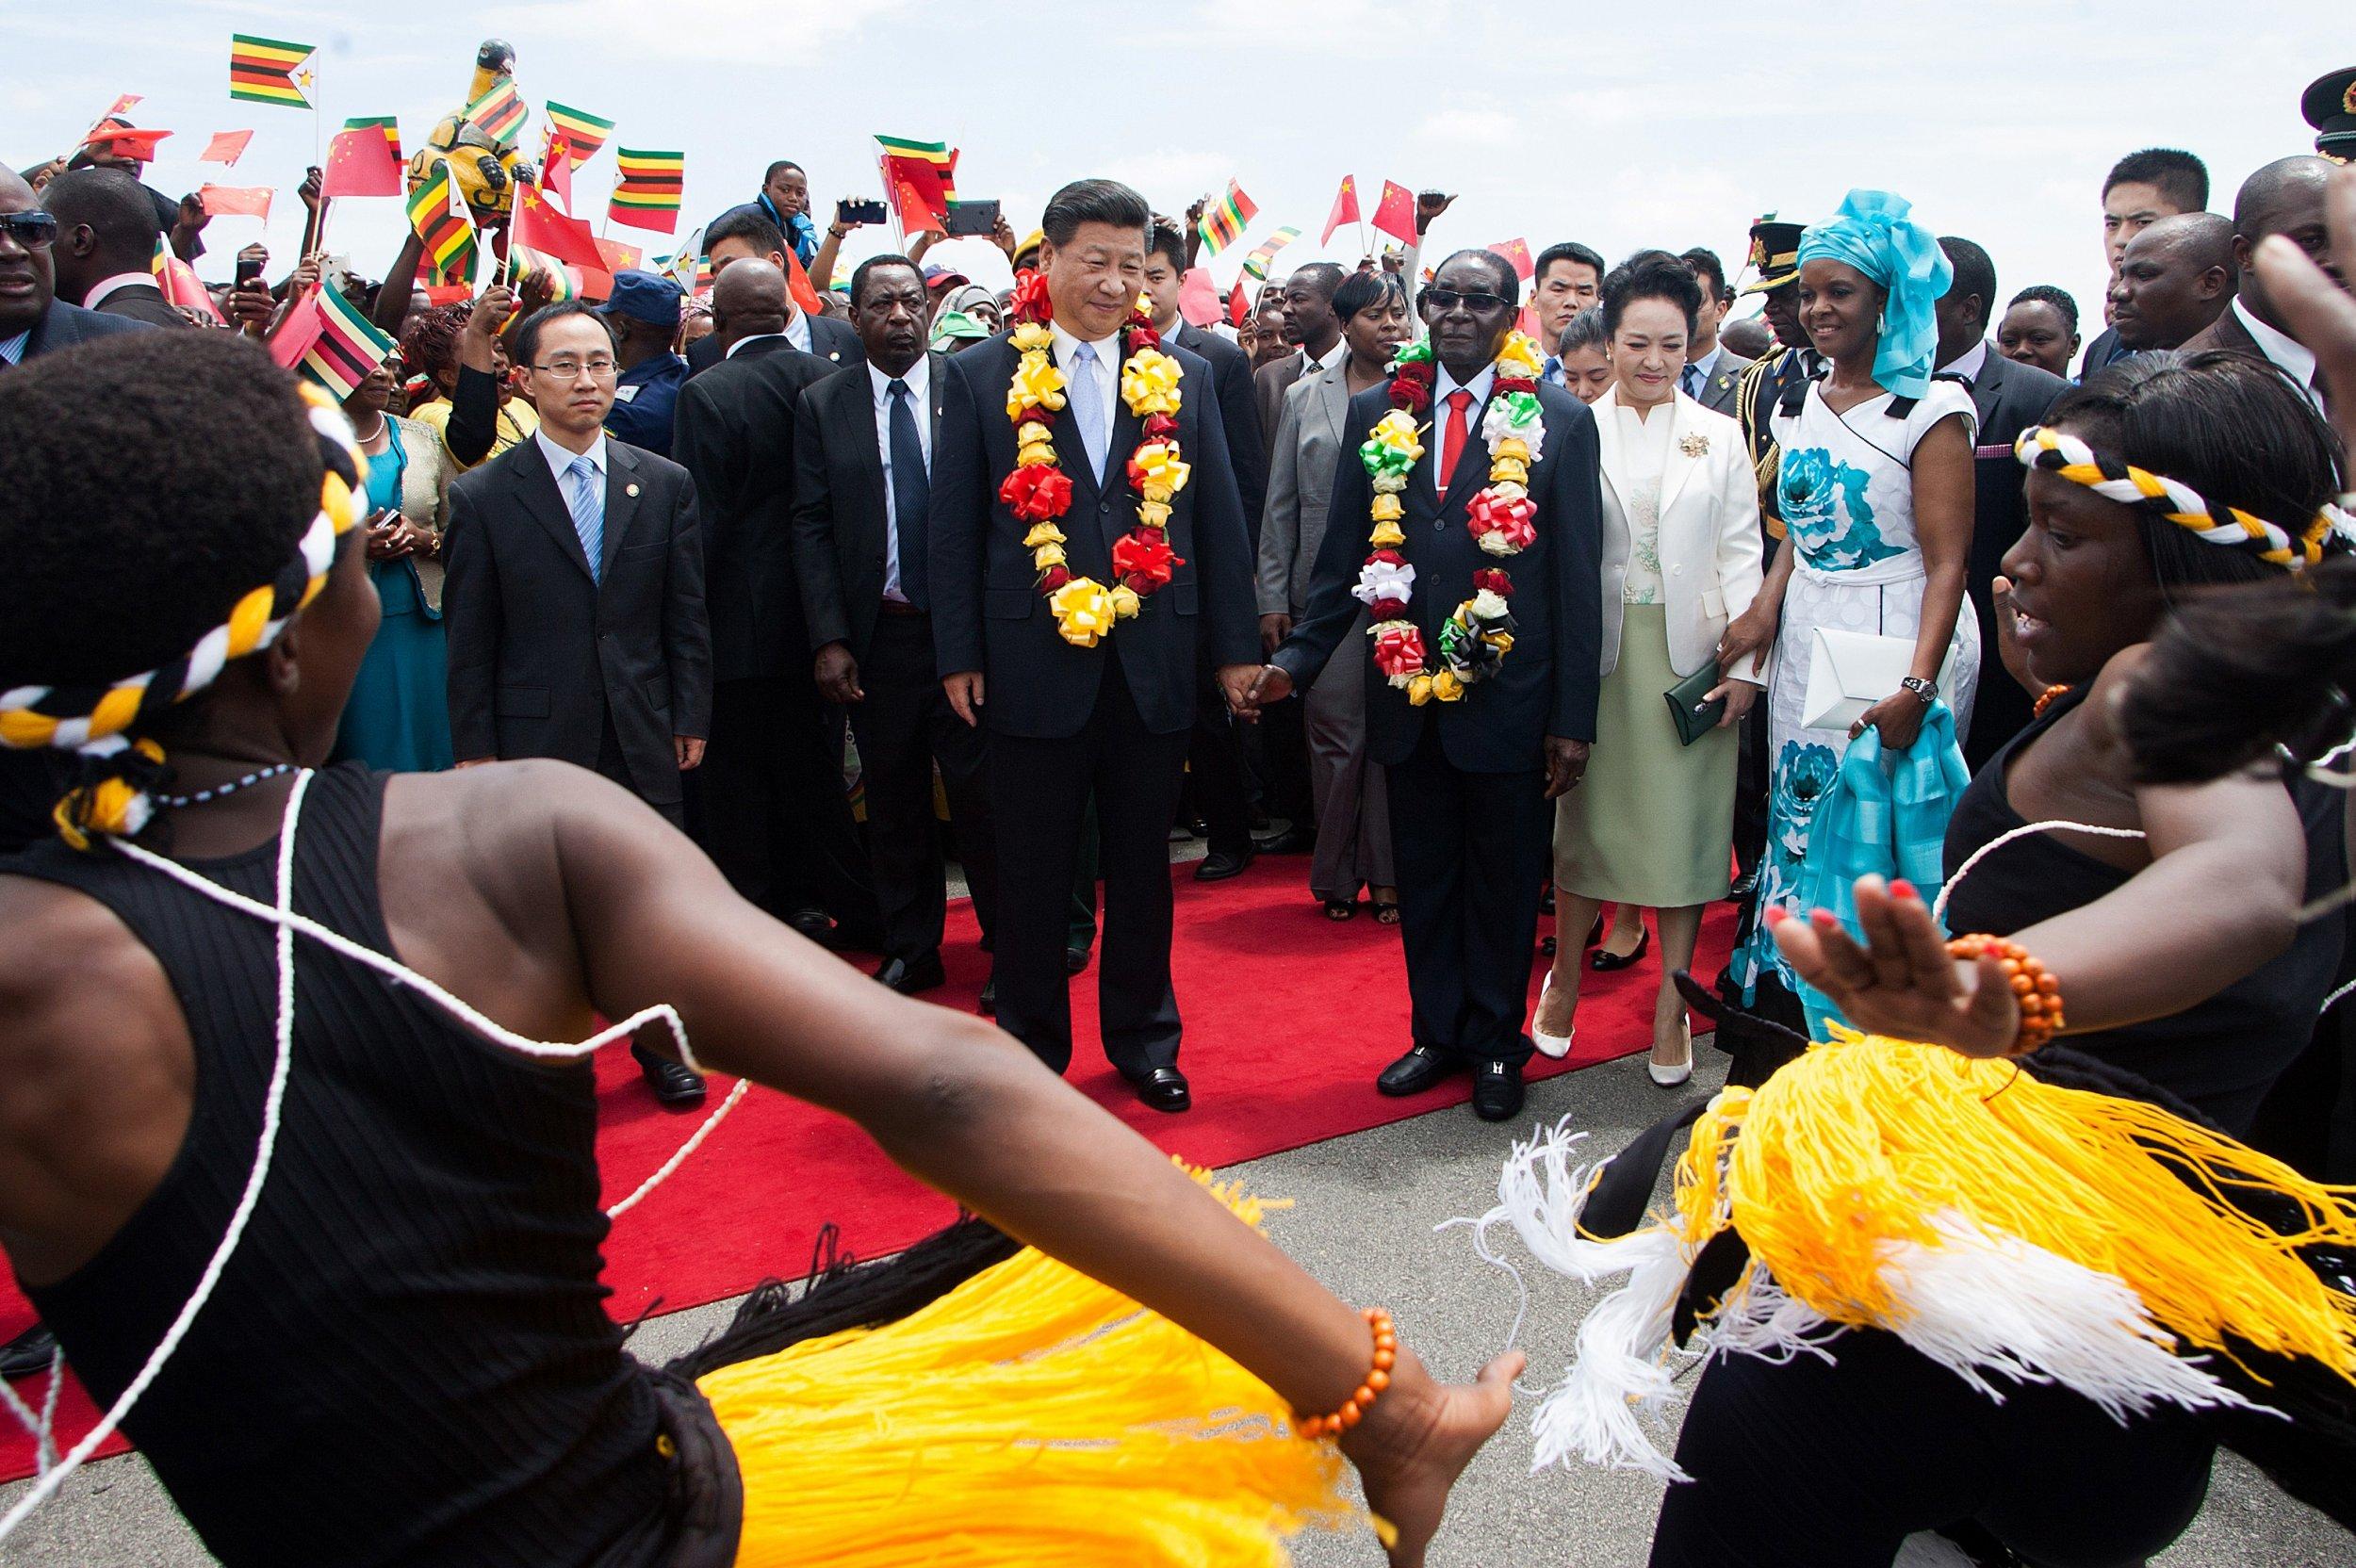 Xi Jinping and Robert Mugabe